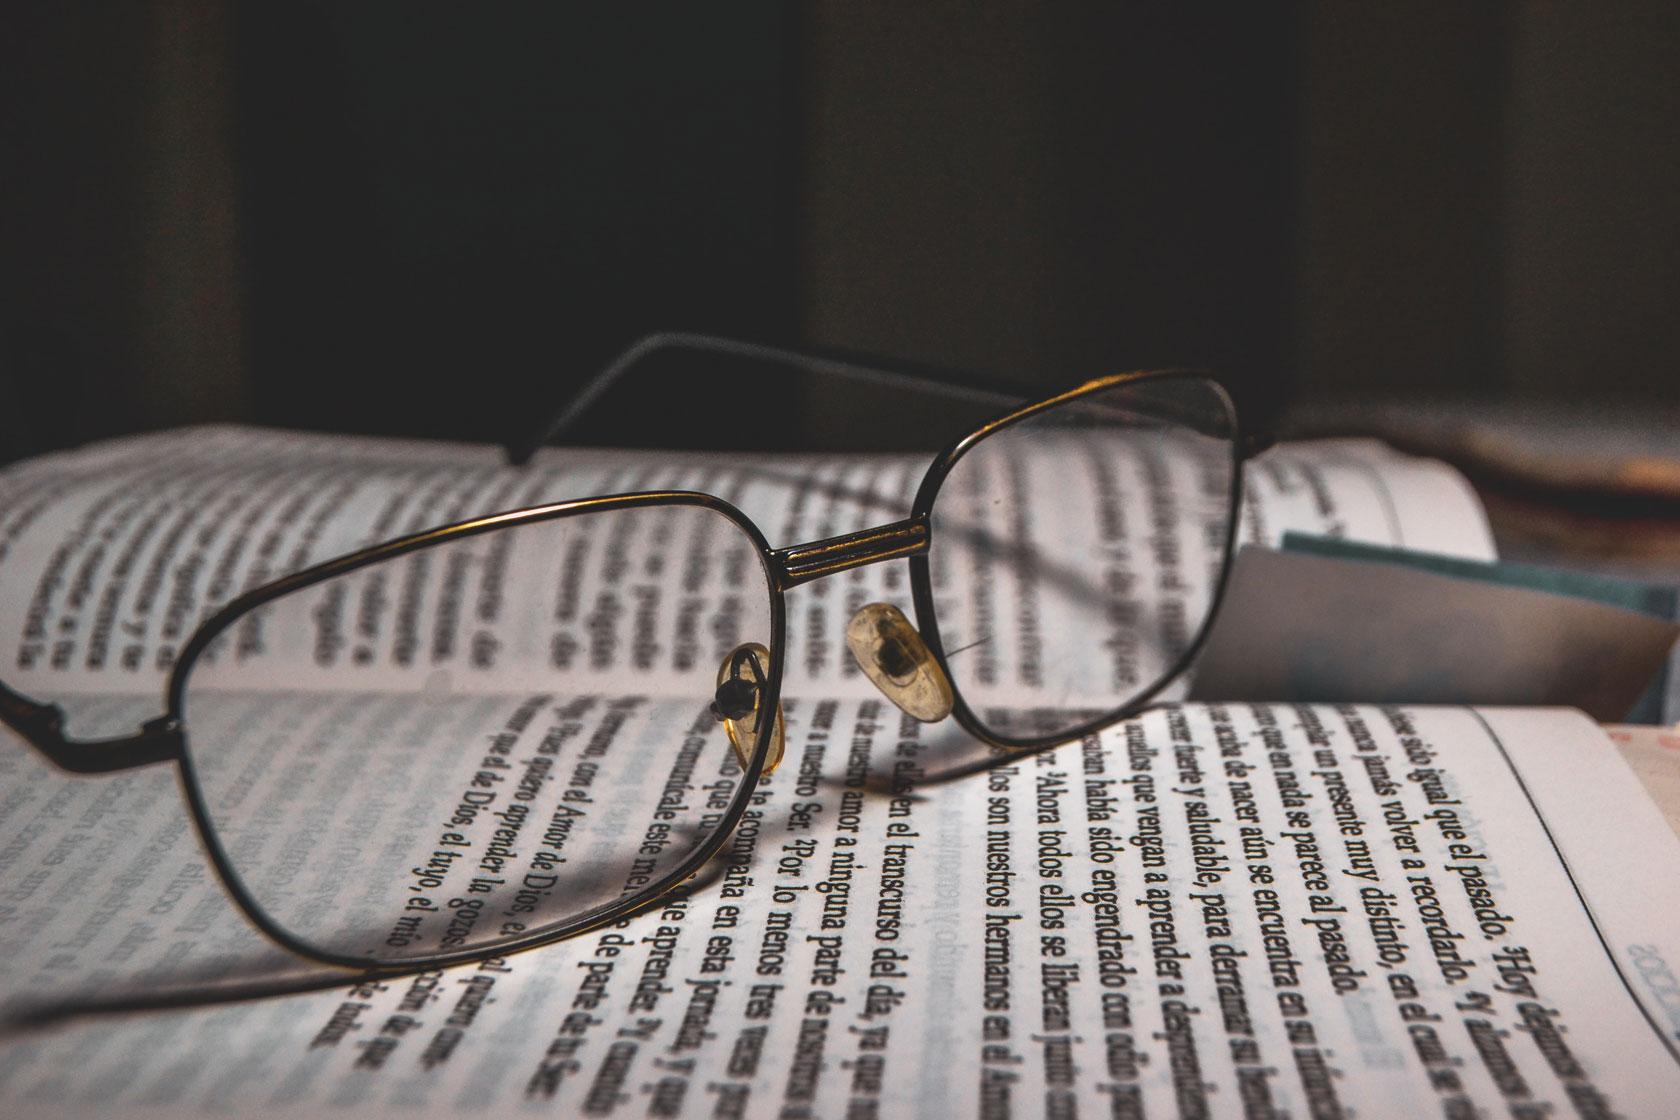 Ο ορισμός του Νευροψυχολόγου για τον ειδικό